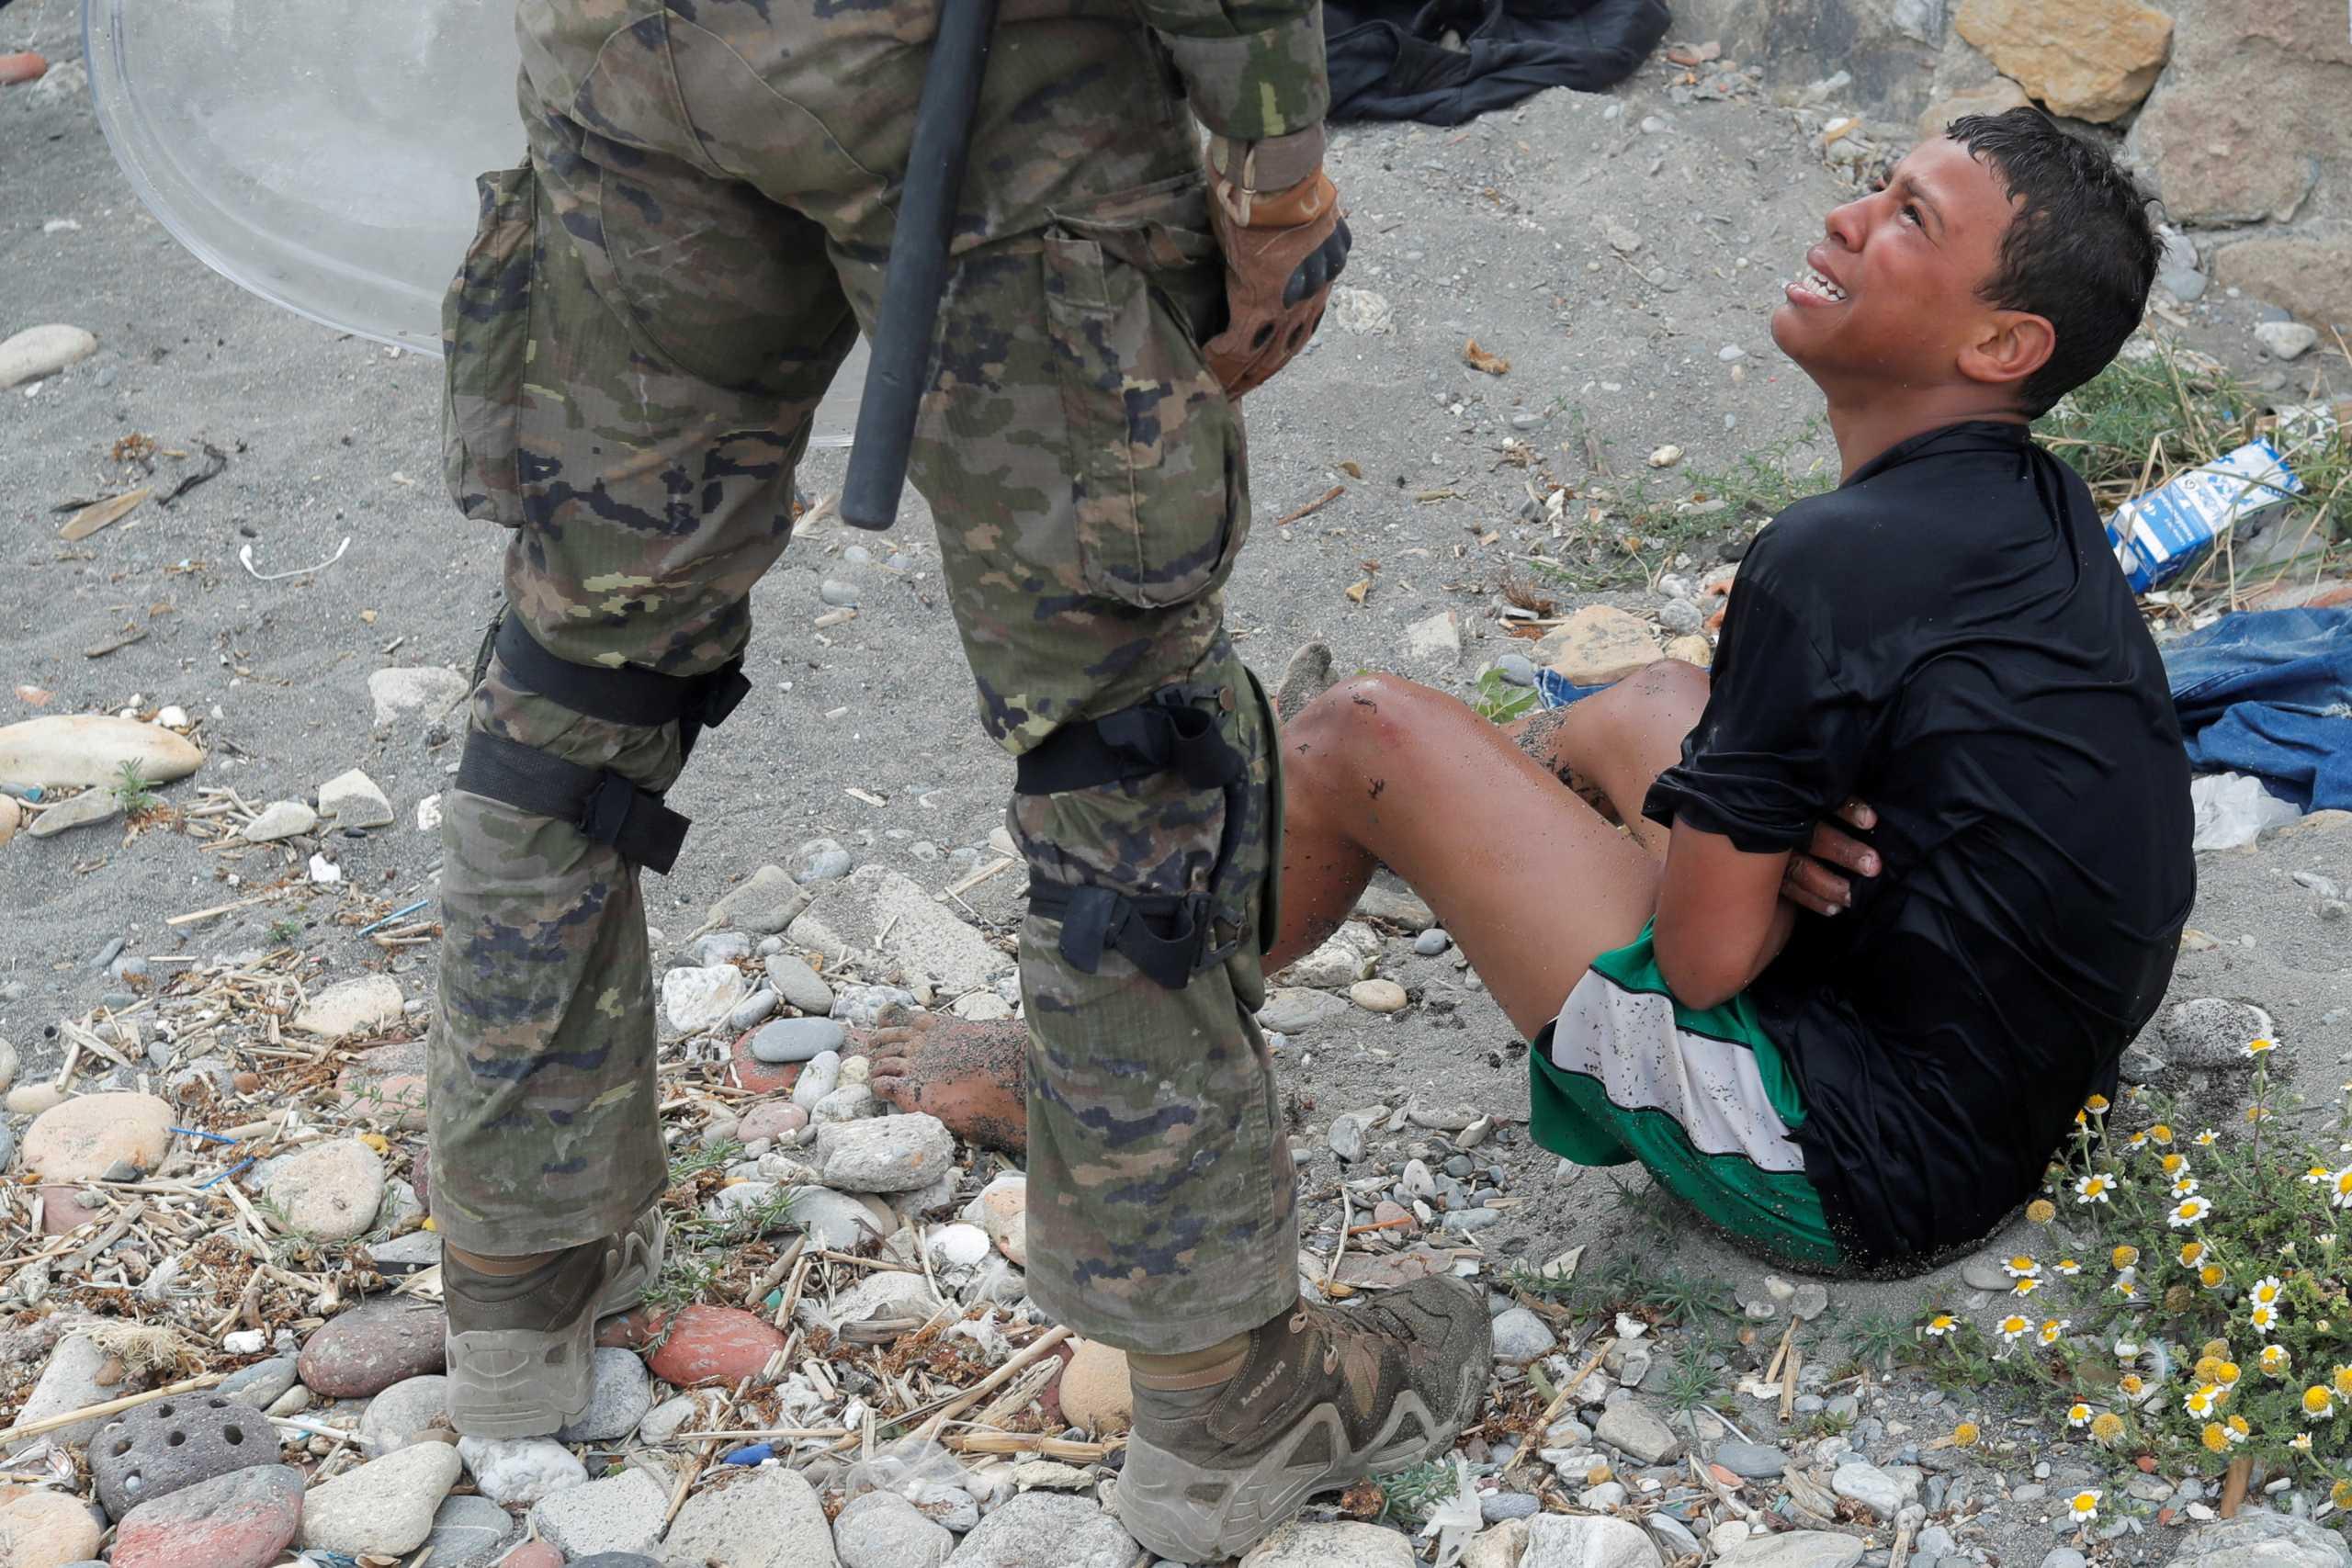 ΟΗΕ: Πάνω από 8.500 παιδιά χρησιμοποιήθηκαν ως στρατιώτες το 2020